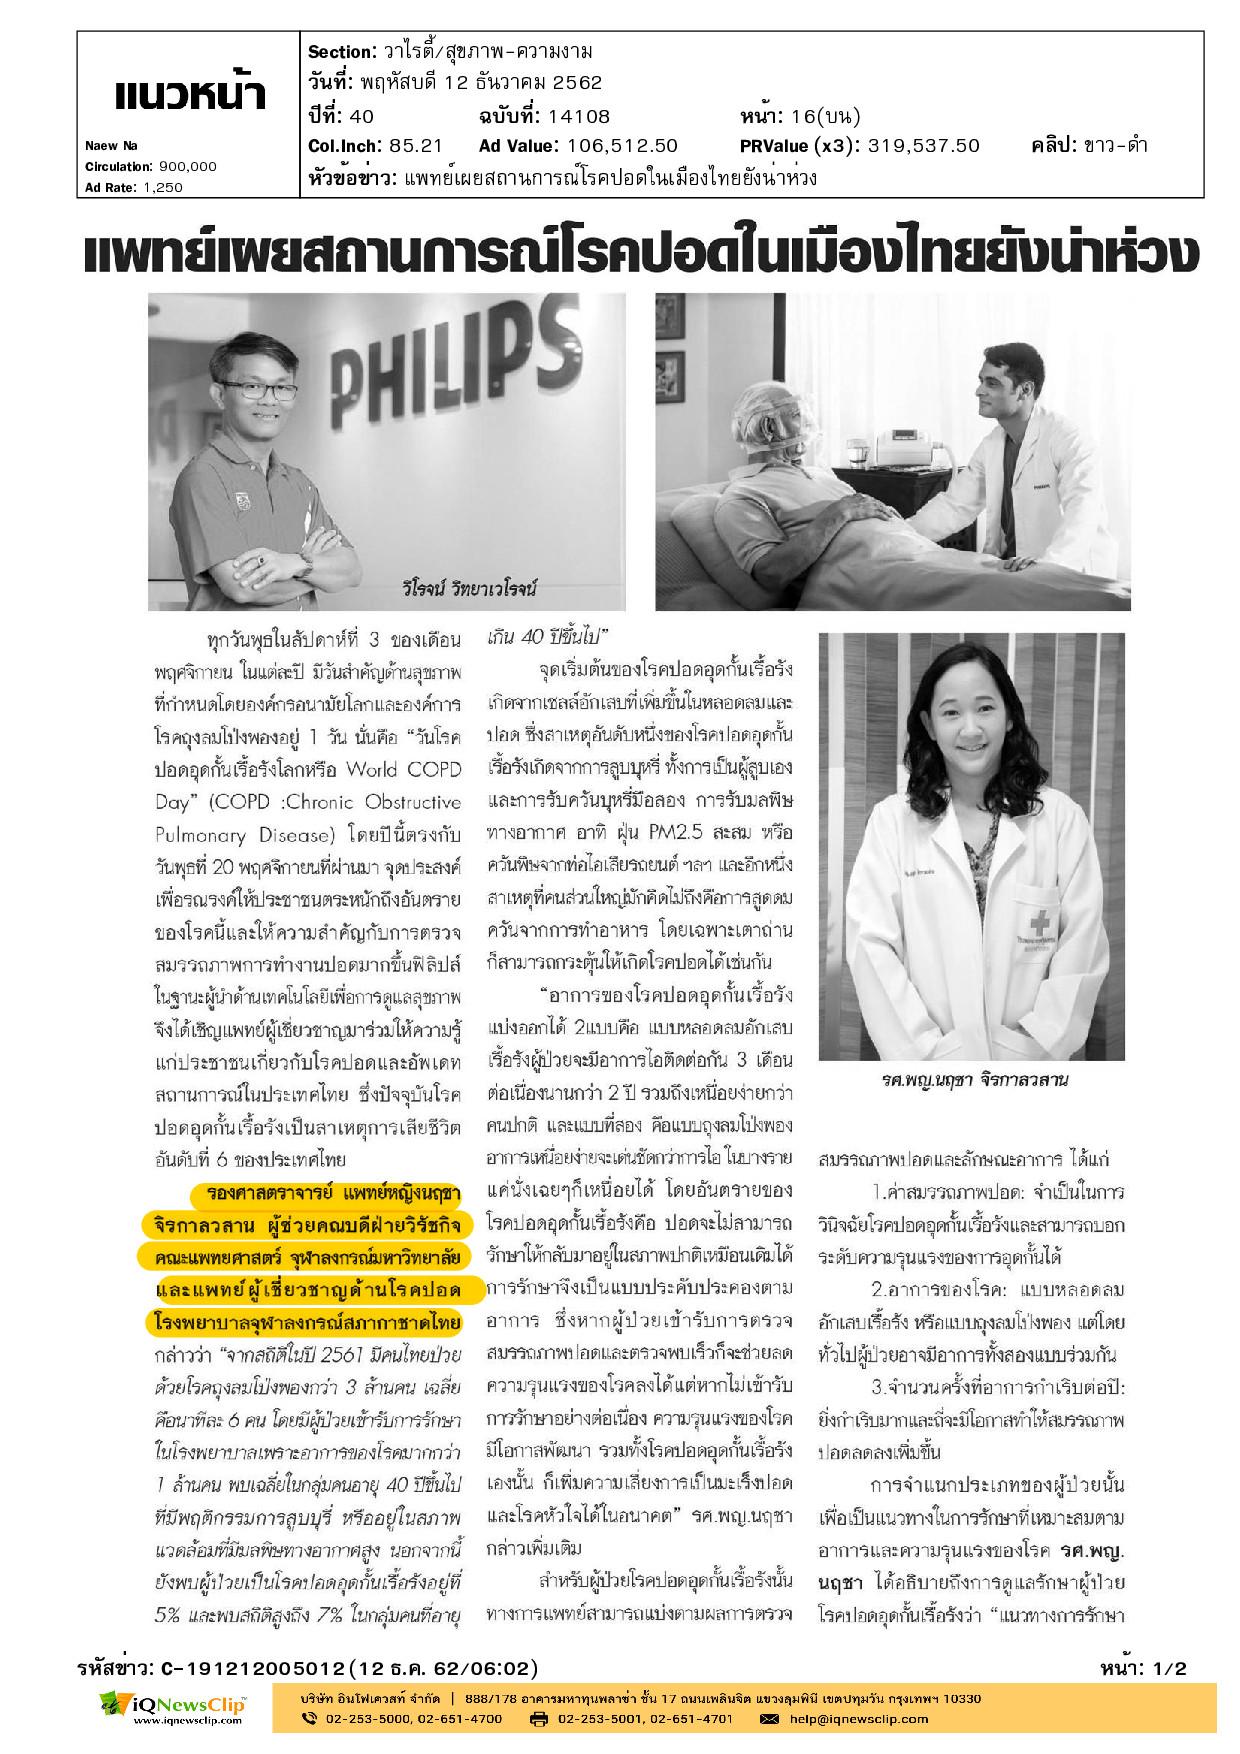 บทความเรื่อง แพทย์เผยสถานการณ์โรคปอดในเมืองไทยยังน่าห่วง